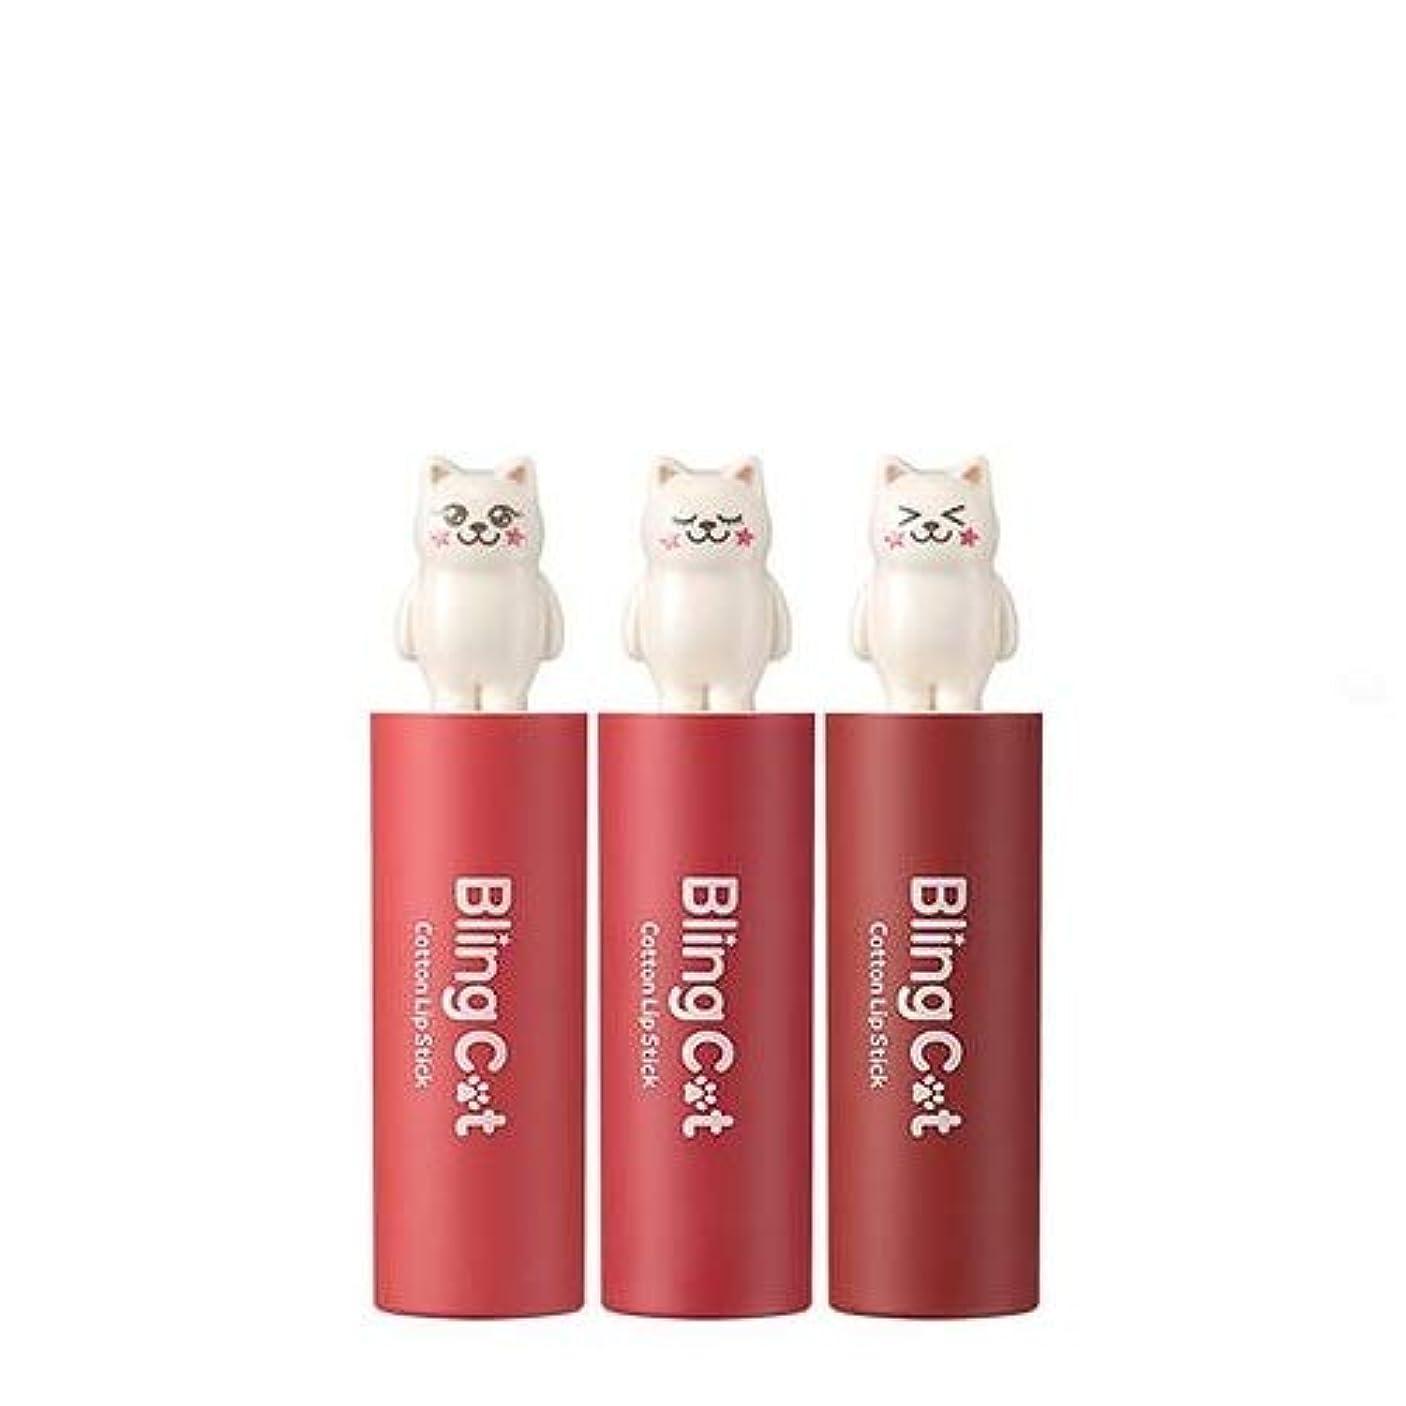 クラウド統計的凍結トニーモリー ブリングキャット コットン リップスティック 3.4g / TONYMOLY Bling Cat Cotton Lipstick # 08. Femme Love [並行輸入品]